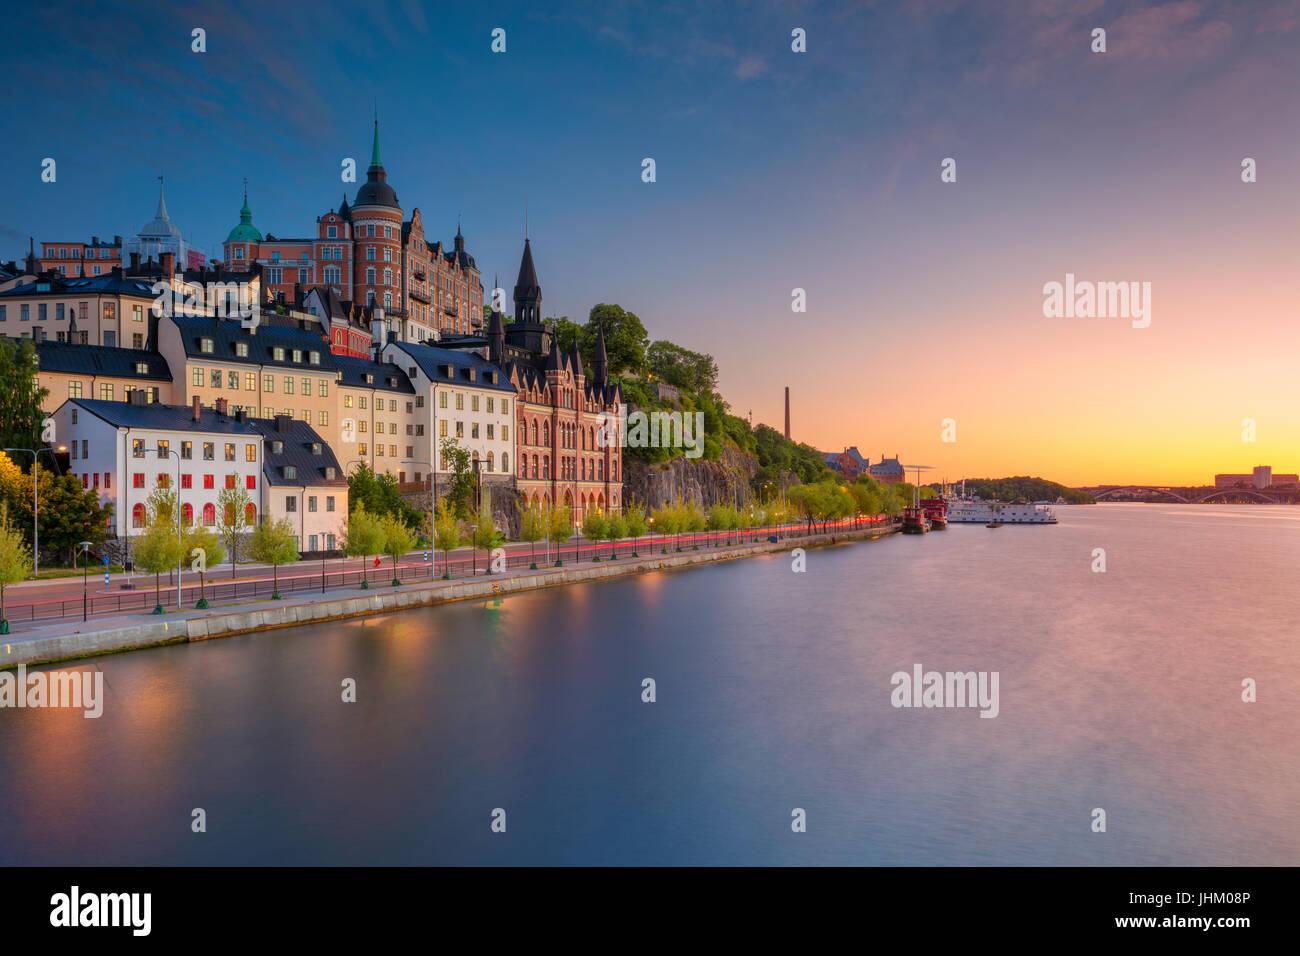 Stoccolma. Immagine della città vecchia di Stoccolma, in Svezia durante il tramonto. Immagini Stock